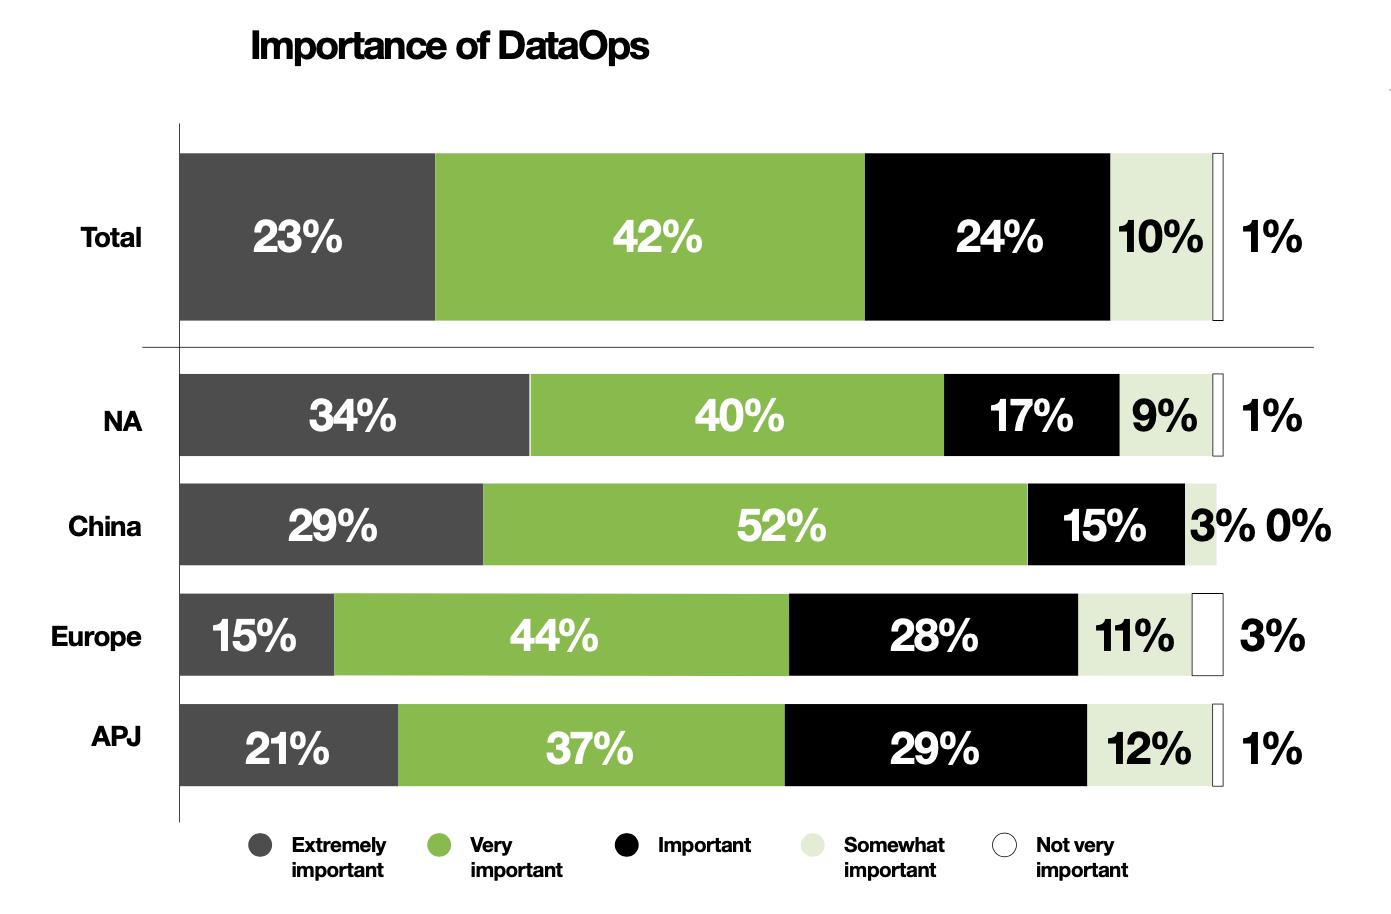 Fast 60 Prozent der Unternehmen in Europa stufen DataOps als extrem wichtig oder sehr wichtig ein. In China und Nordamerika liegen die Werte deutlich höher. (Bild: IDC InfoBrief, gesponsert von Seagate, Rethink Data: Bessere Nutzung von mehr Unternehmensdaten - vom Netzwerkrand bis hin zur Cloud, Dok. #US46452120, Juni 2020)